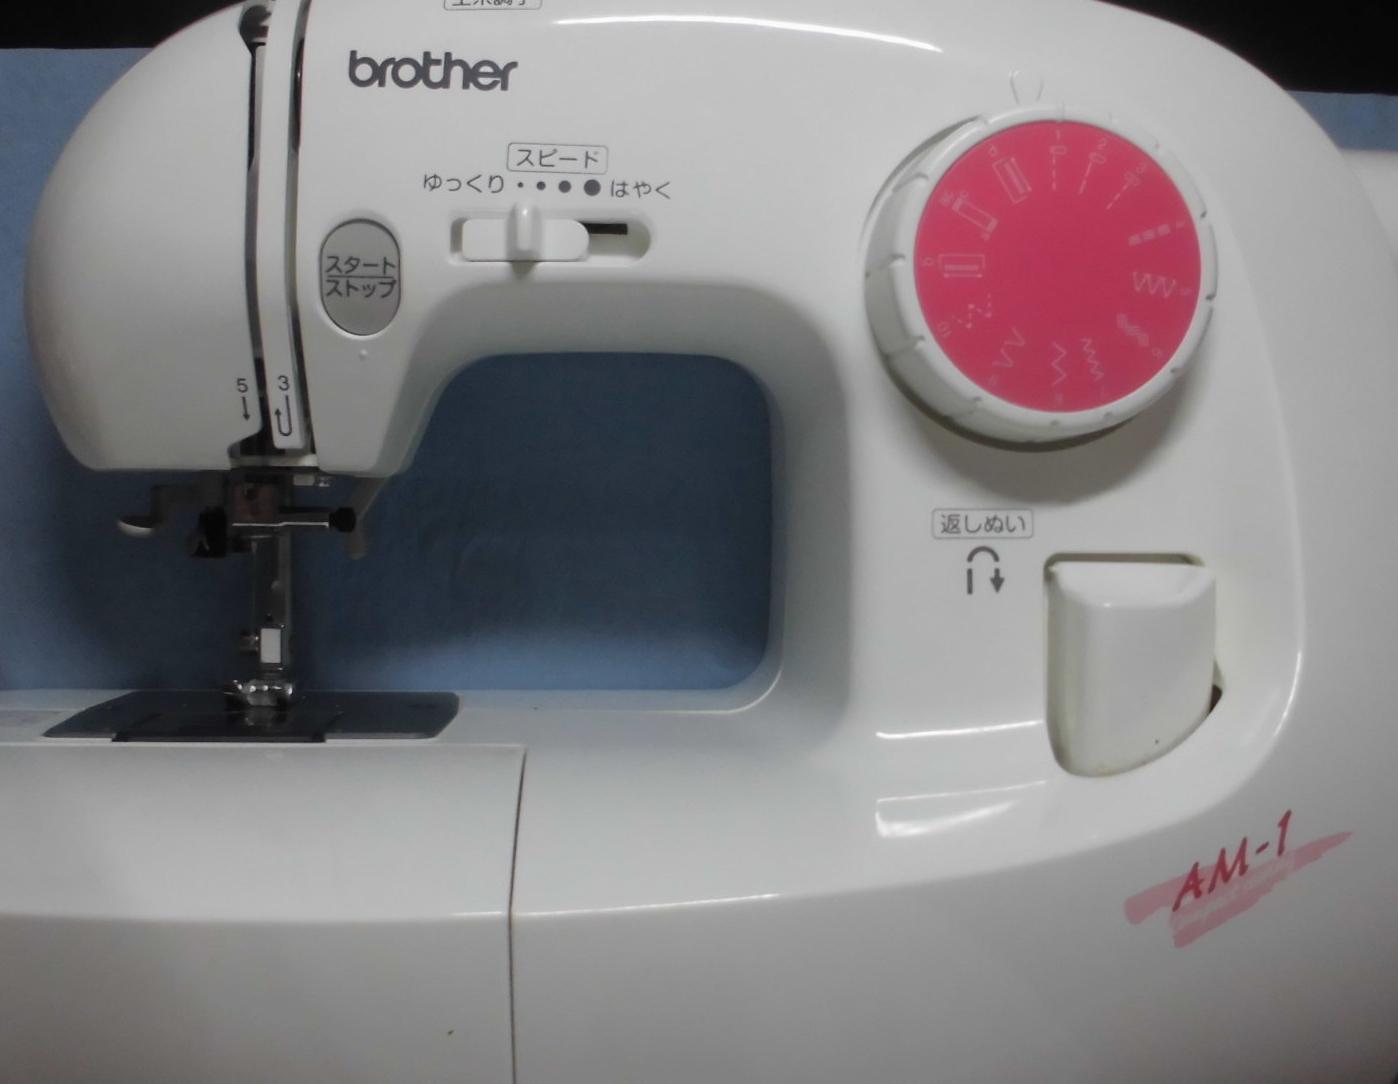 ブラザーミシンの修理|AM-1/EL125|バック縫いになる、縫えない、固着、動かない